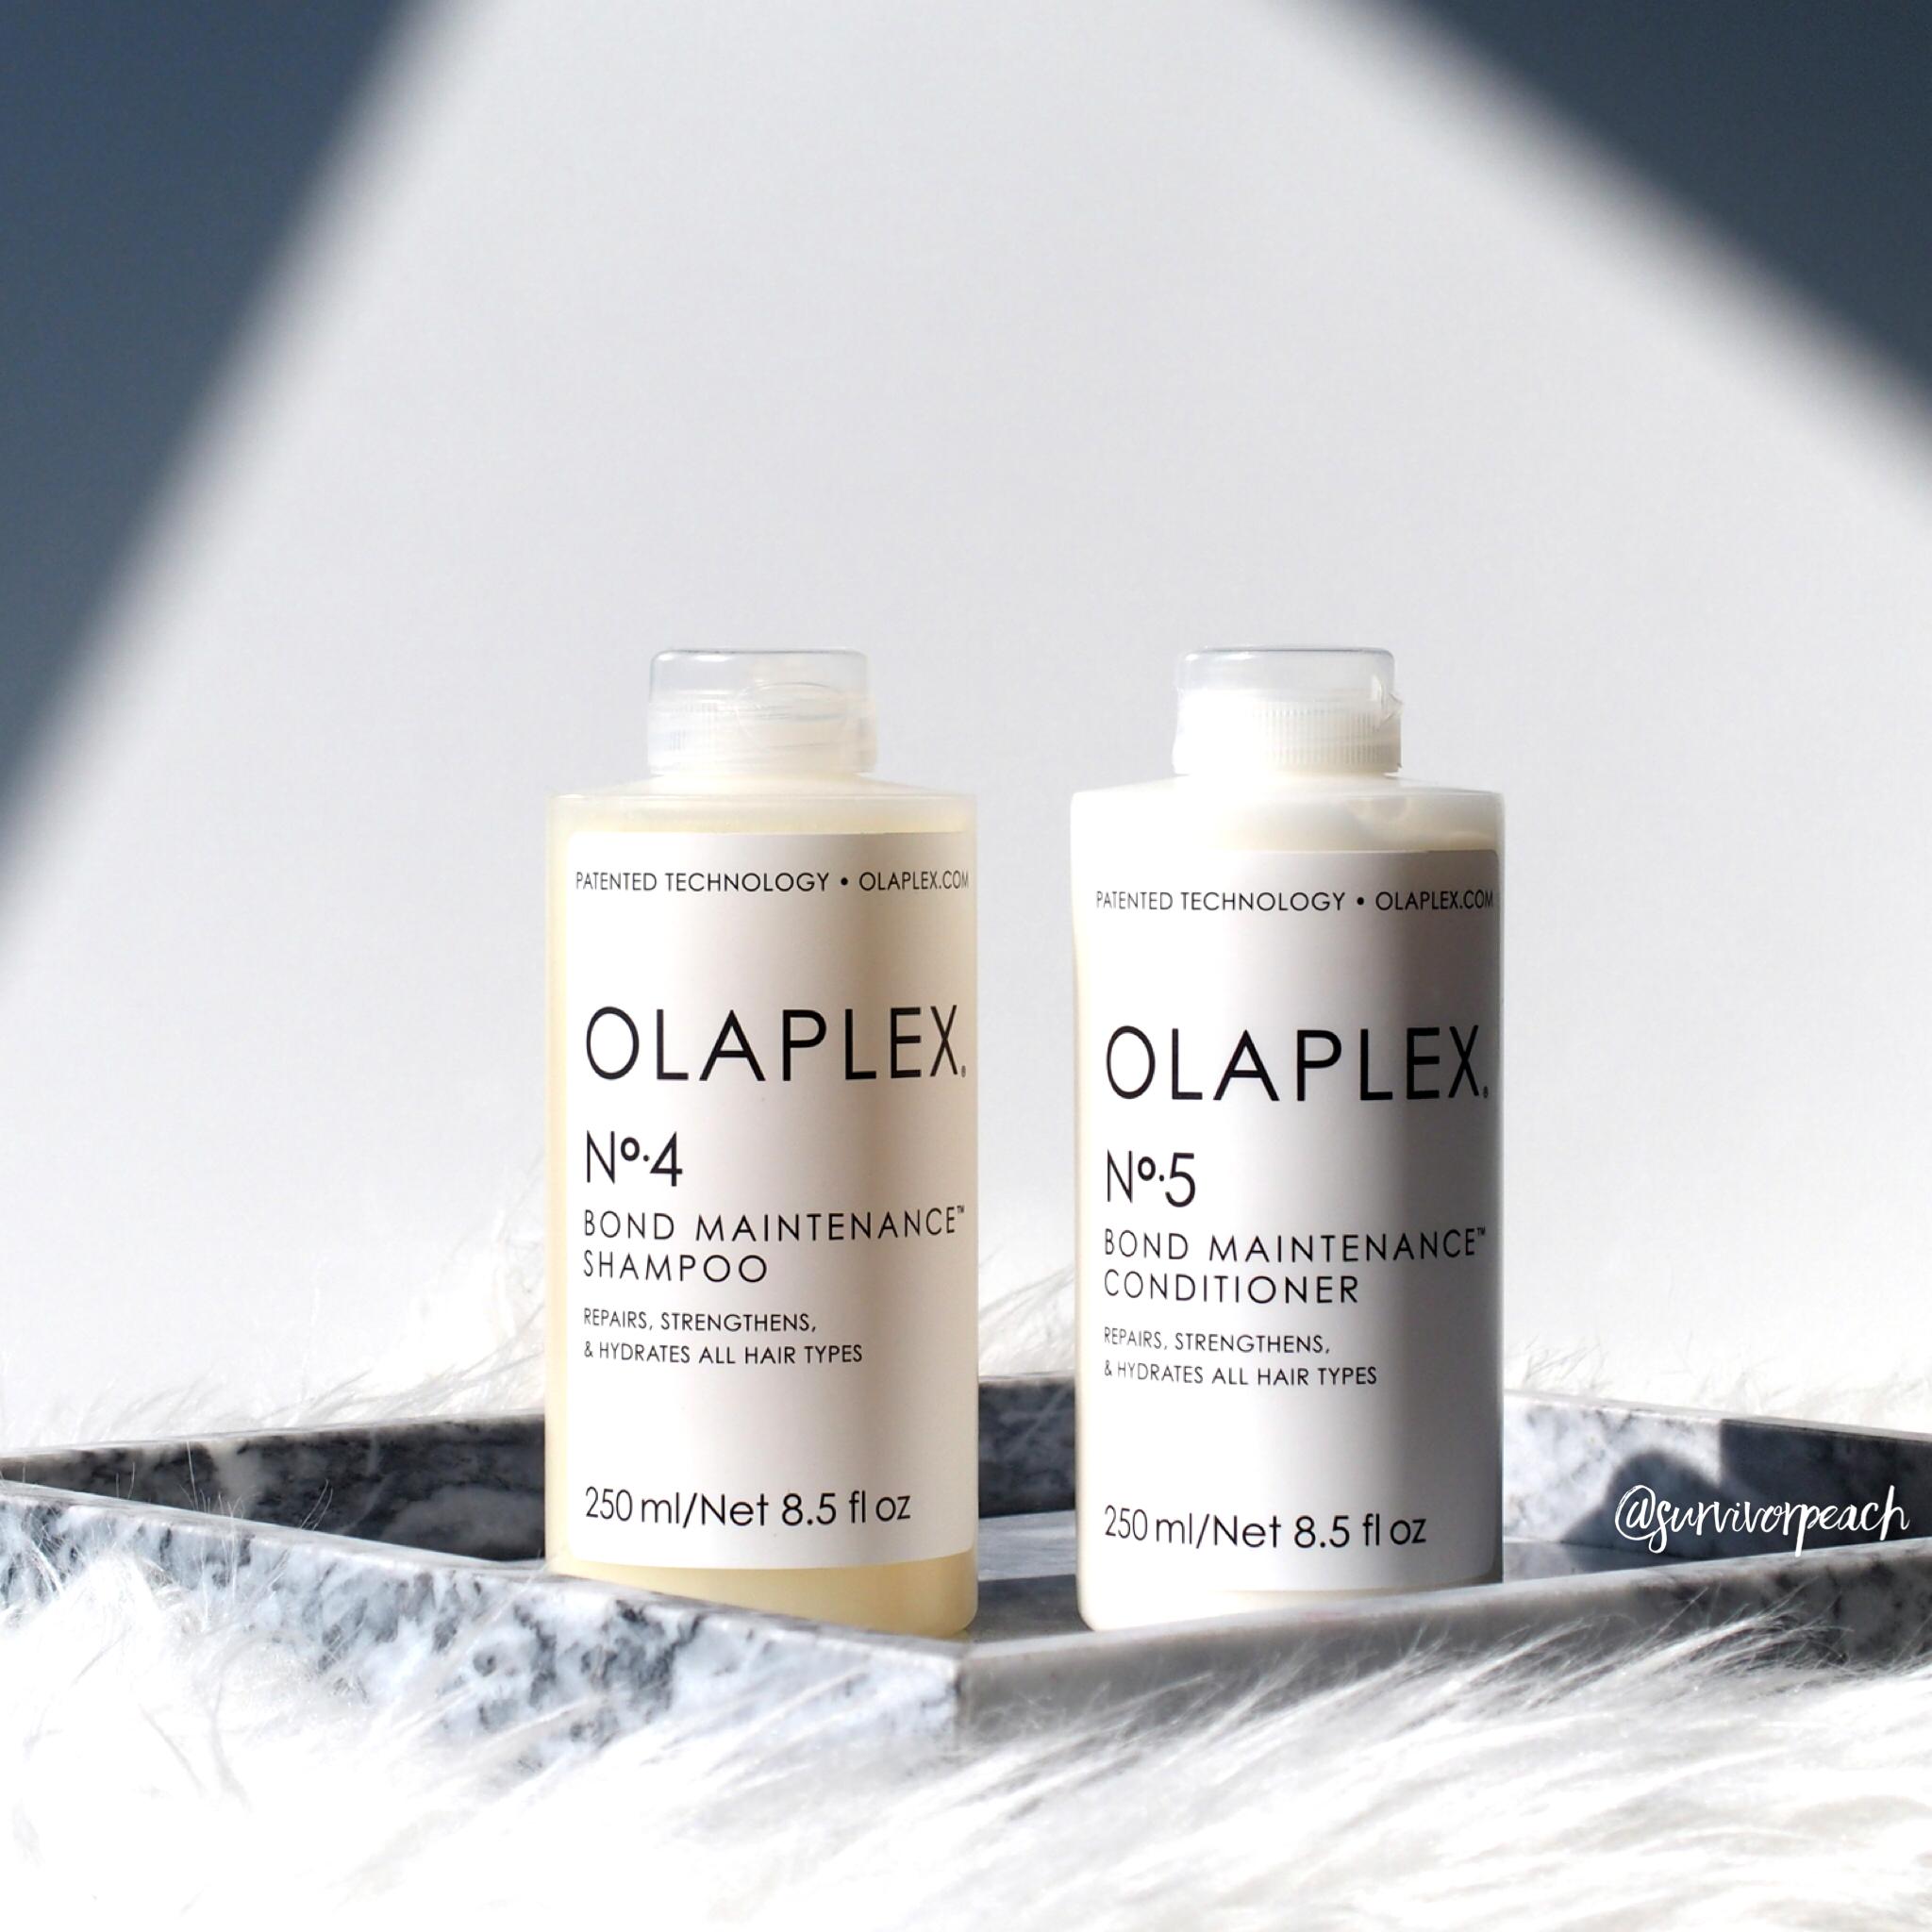 Olaplex No.4 Bond Maintenance Shampoo, No.5 Bond Maintenance Conditioner